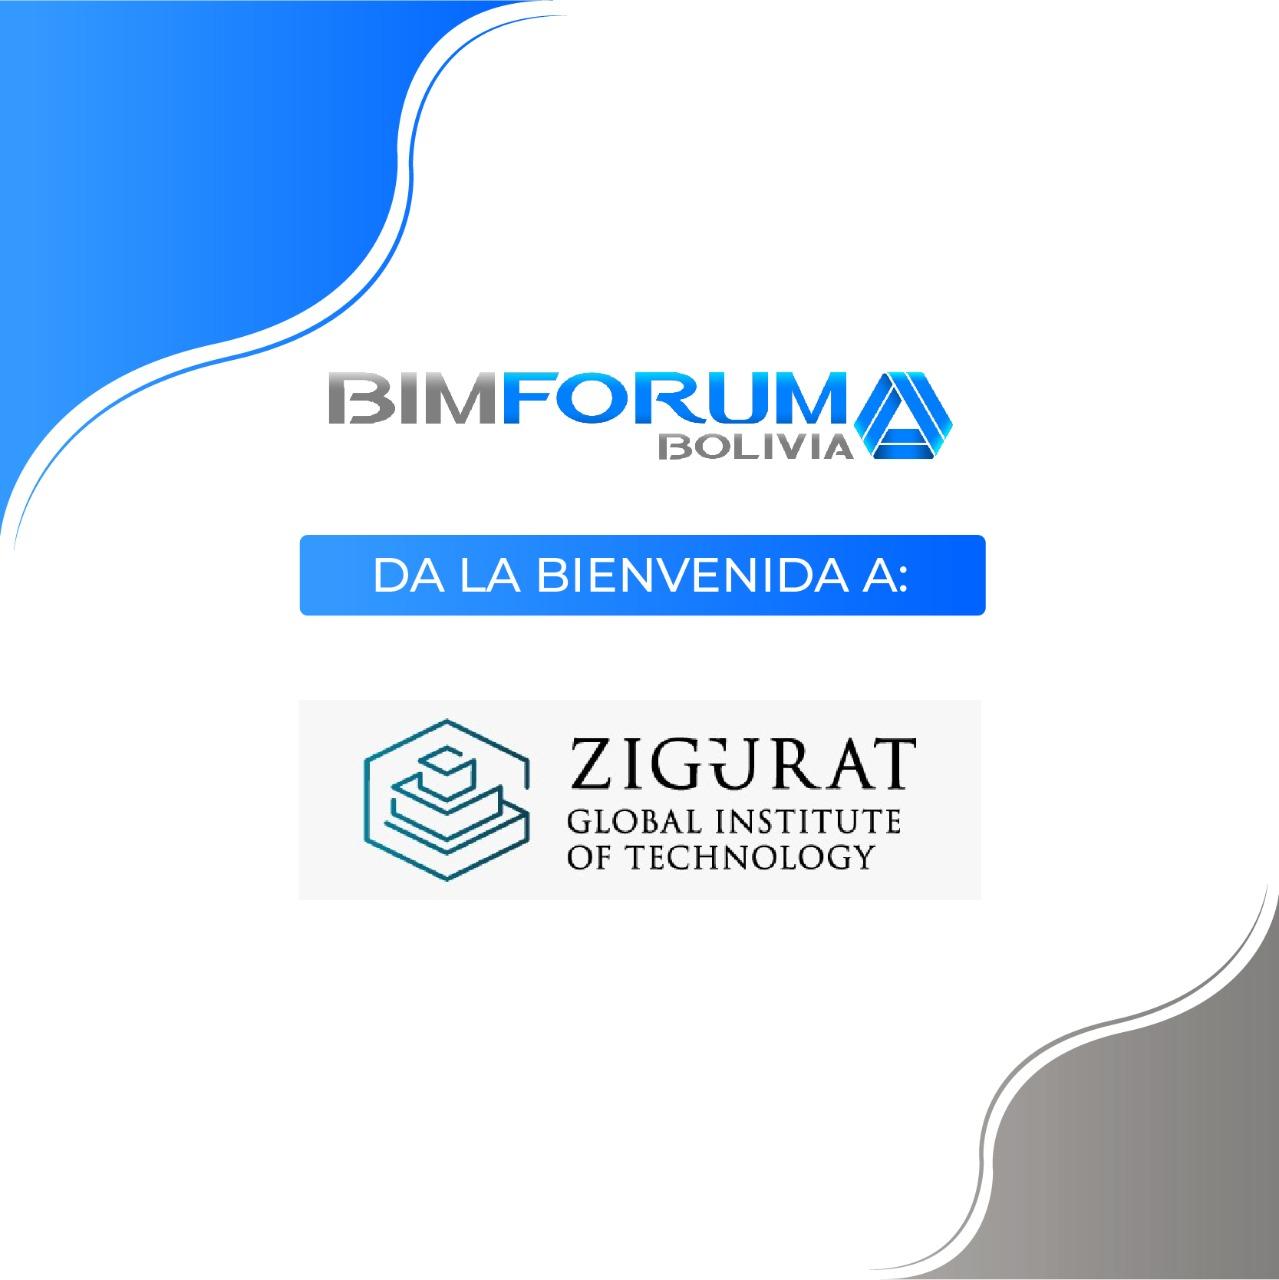 Asociado Premium: Zigurat